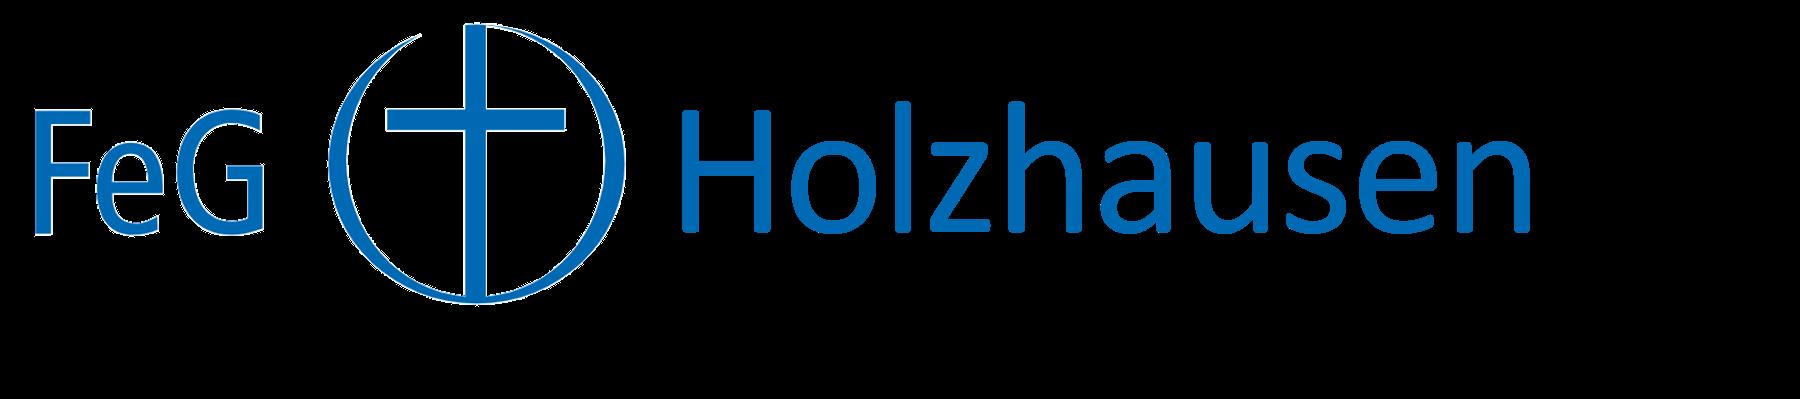 FeG Holzhausen